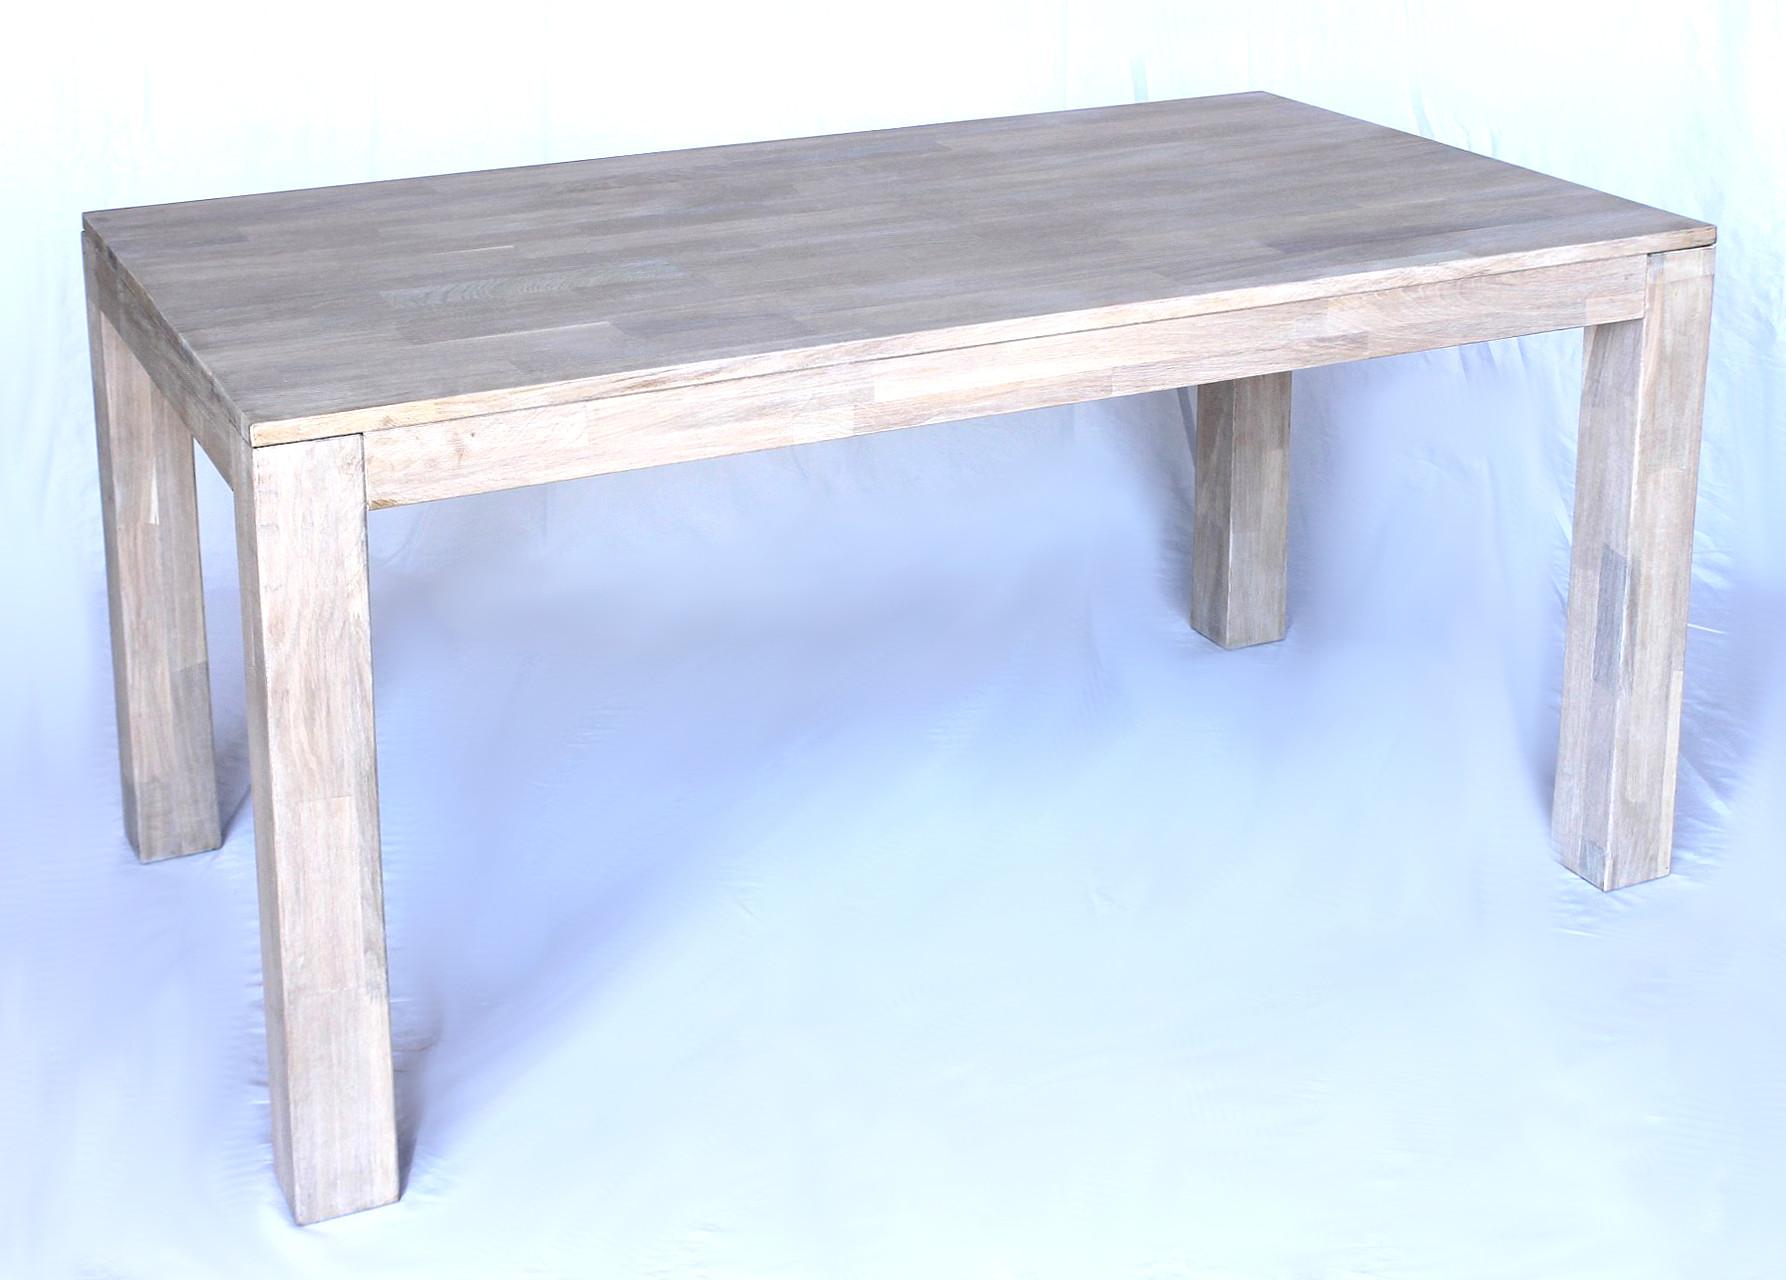 Dandibo Esstisch Holz 150x80cm Eiche Weiß Hell Massiv Küchentisch